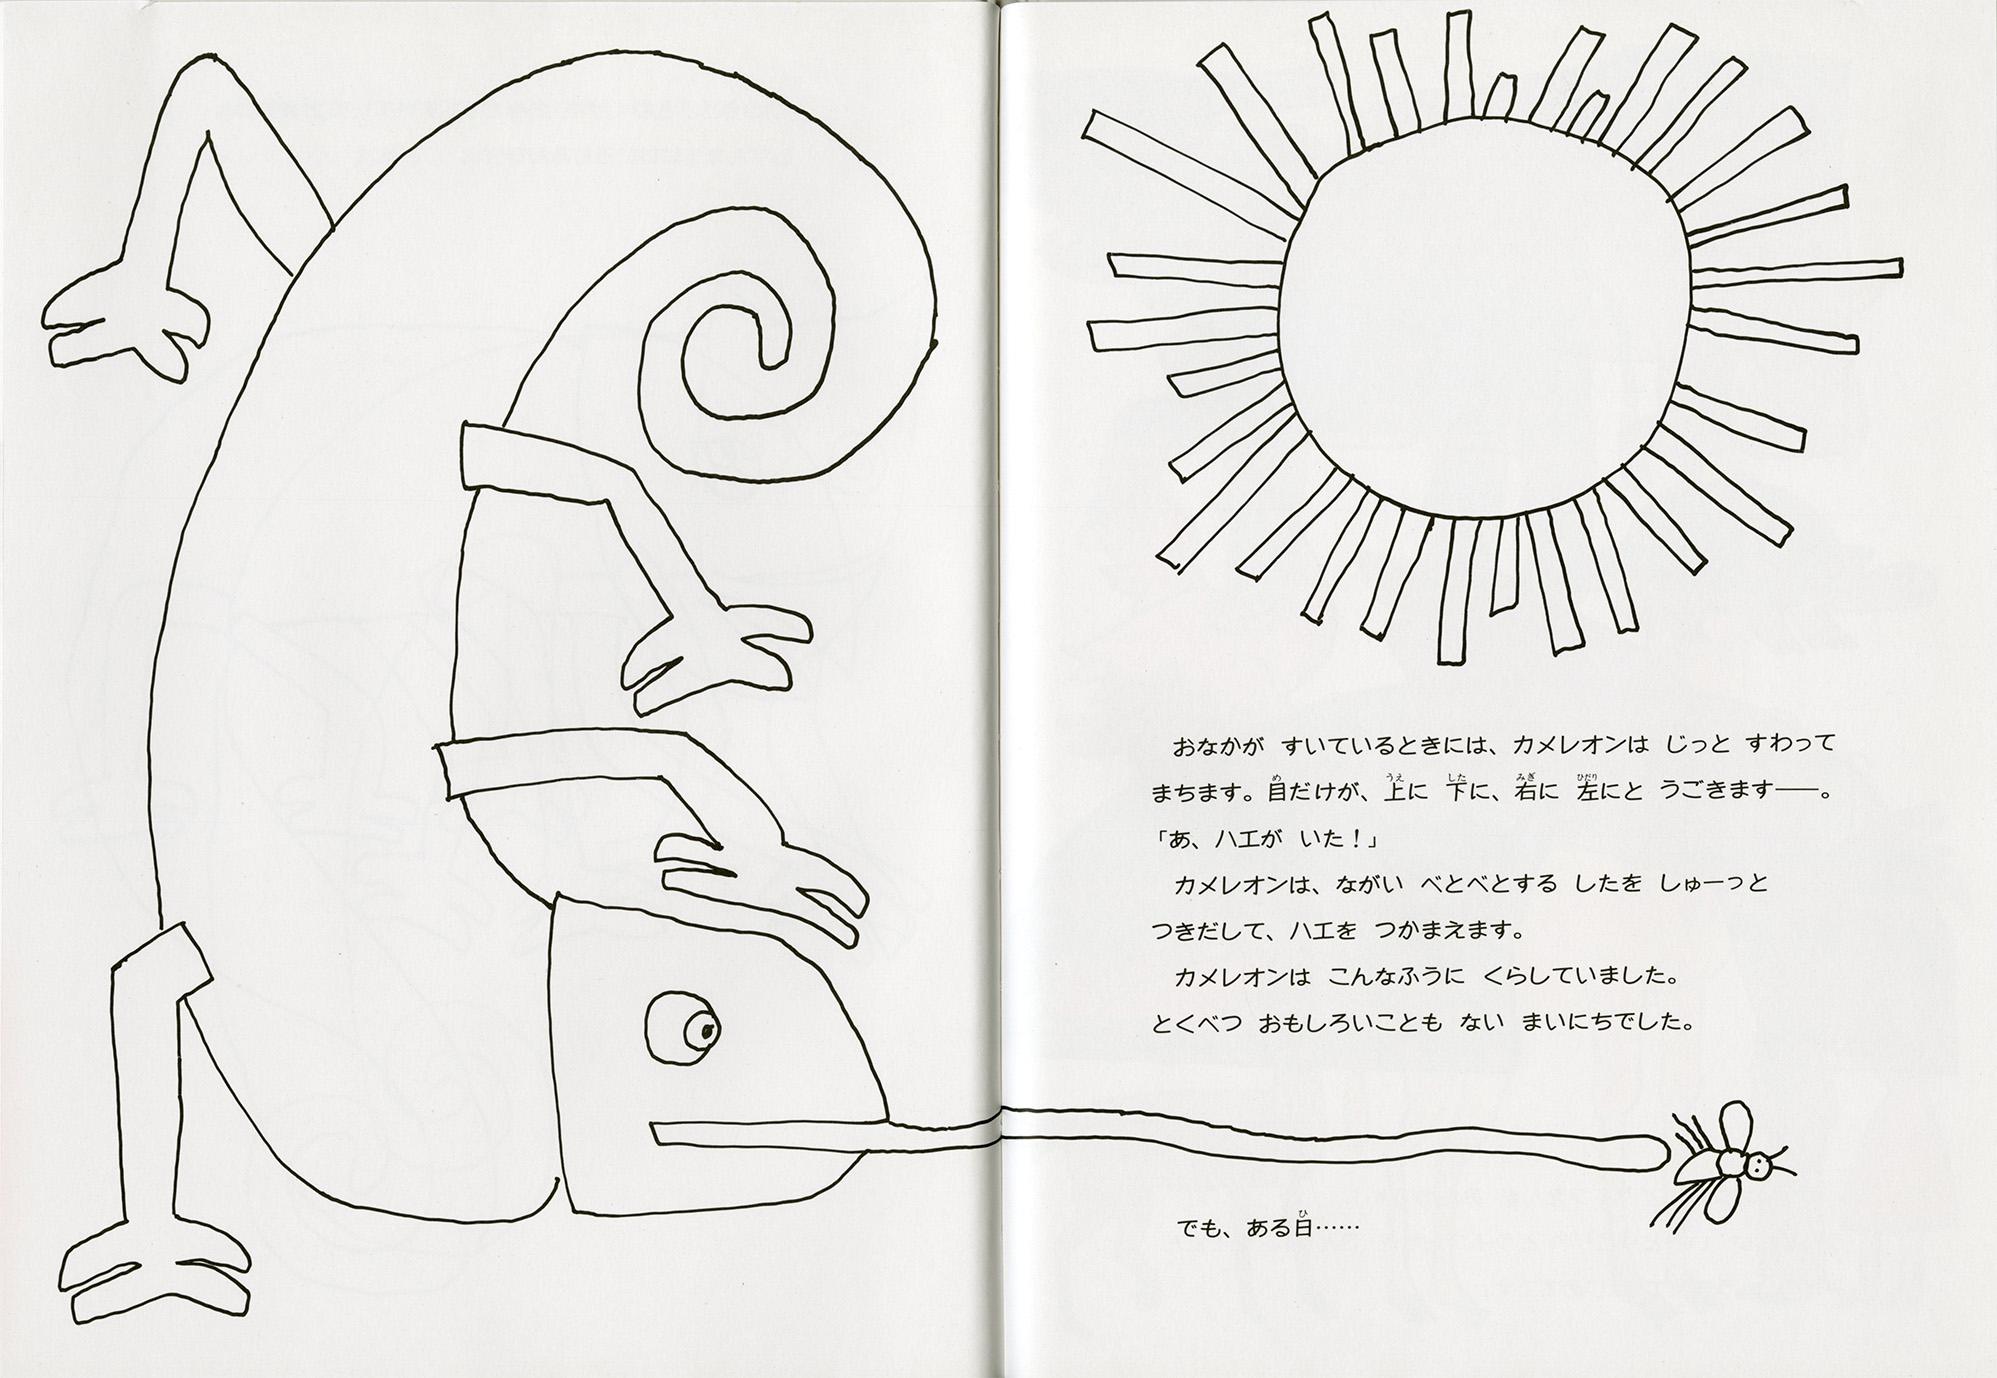 ぬりえ絵本ごちゃまぜカメレオン 偕成社 児童書出版社